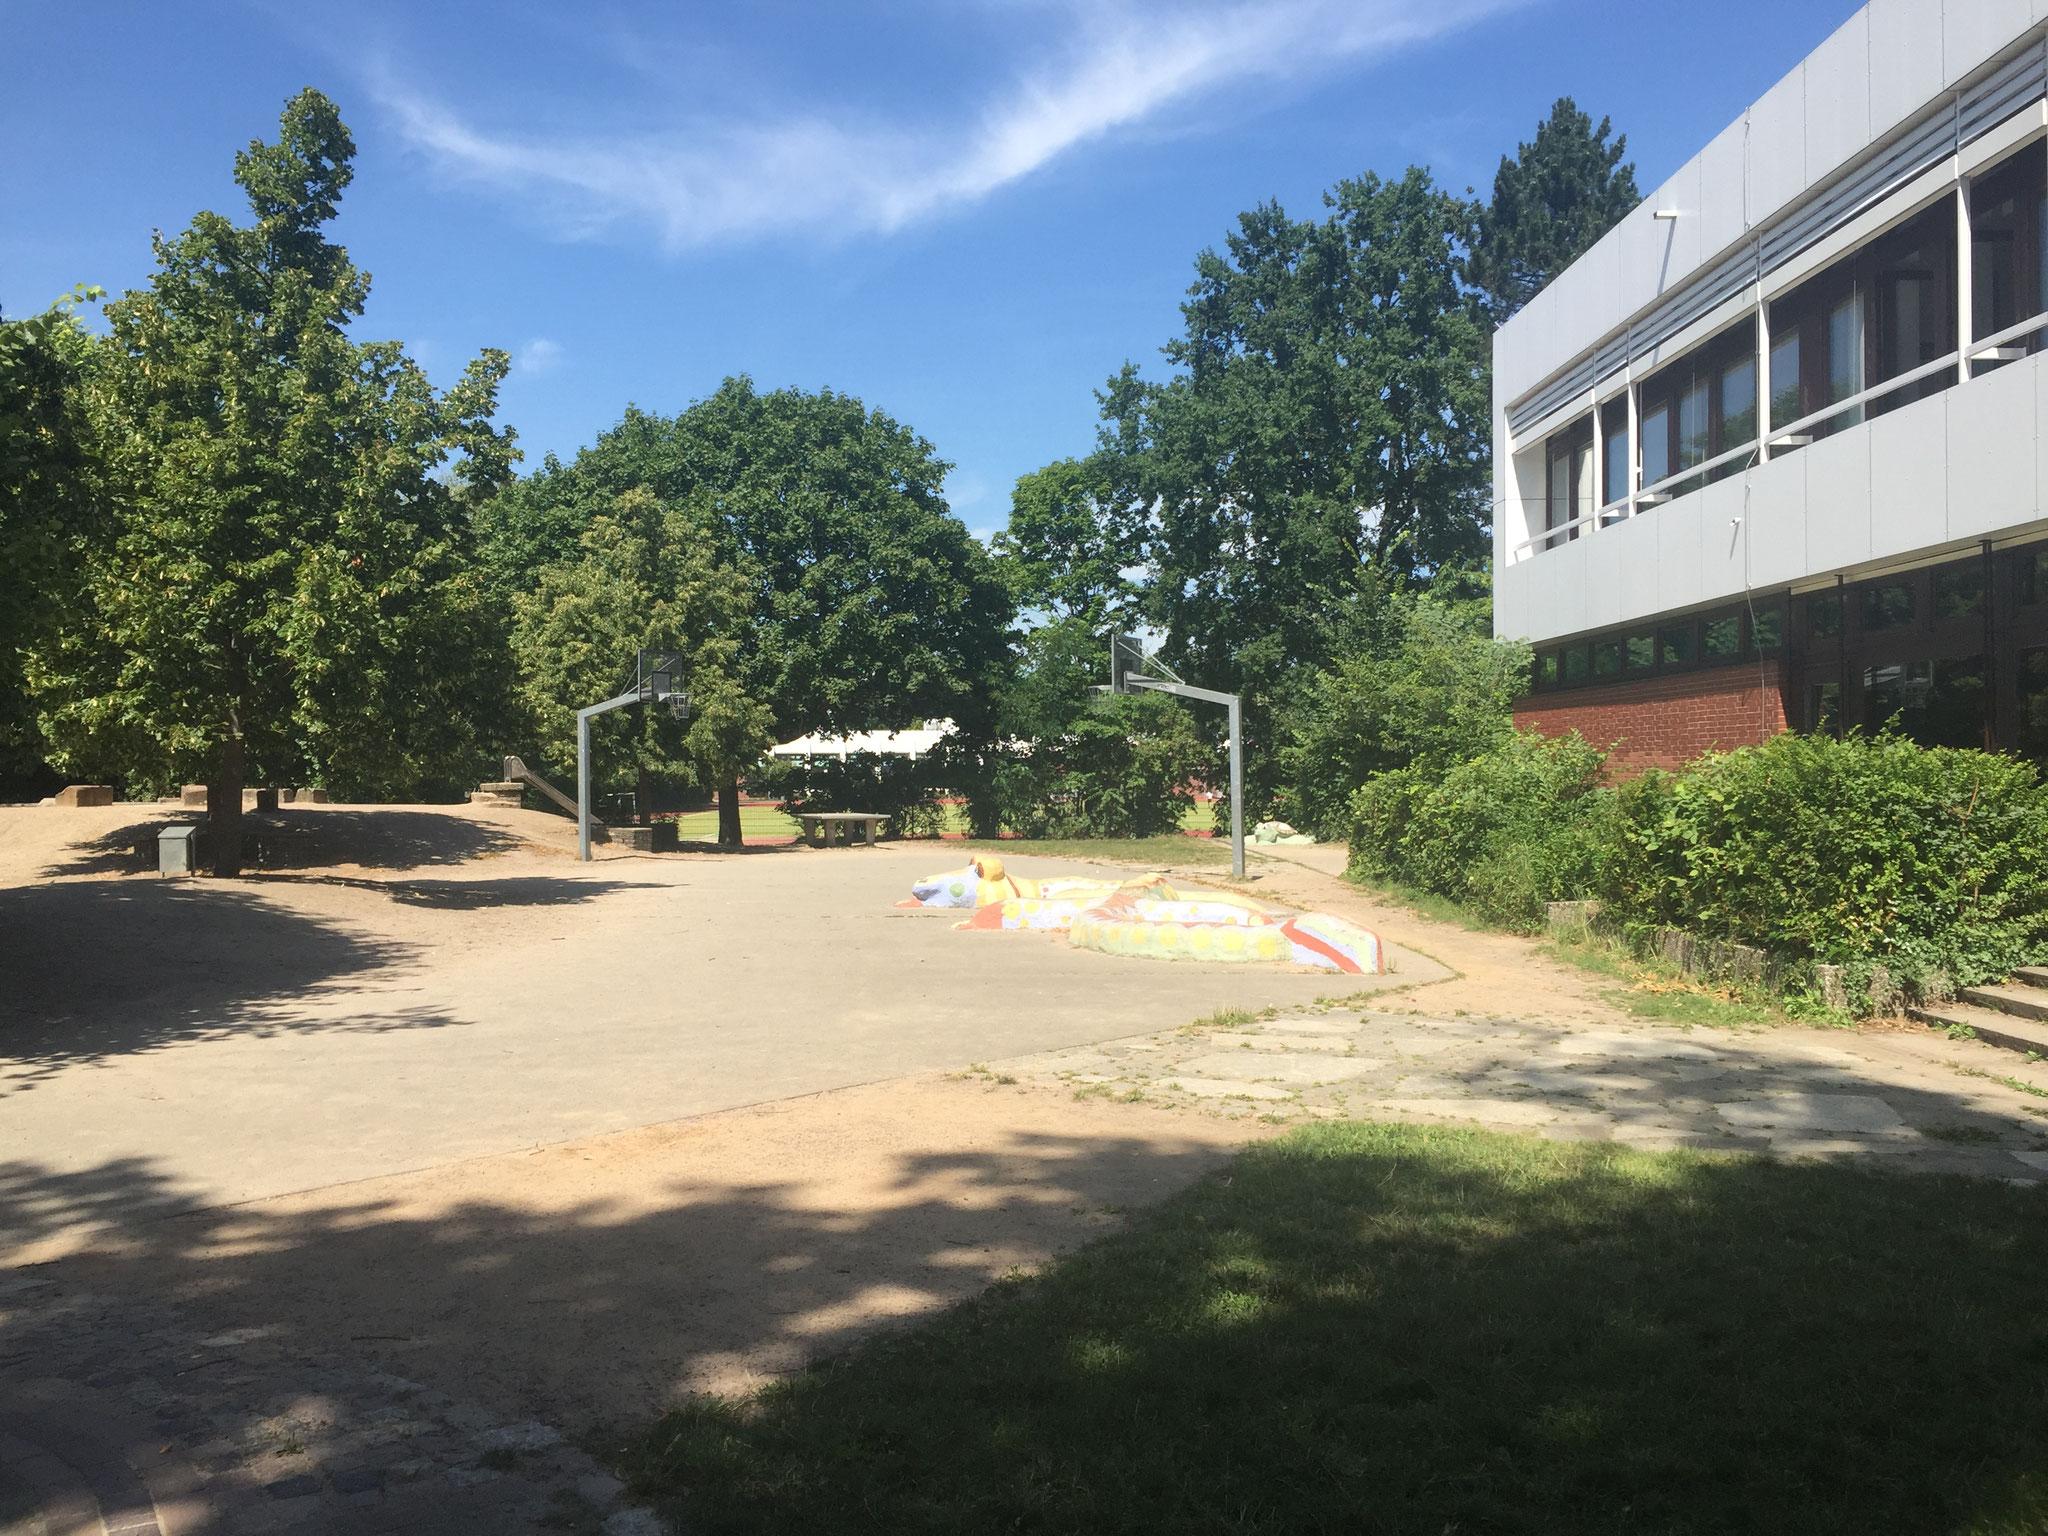 Ganz da hinten sieht man unseren Basketballplatz und Tischtennisplatten.